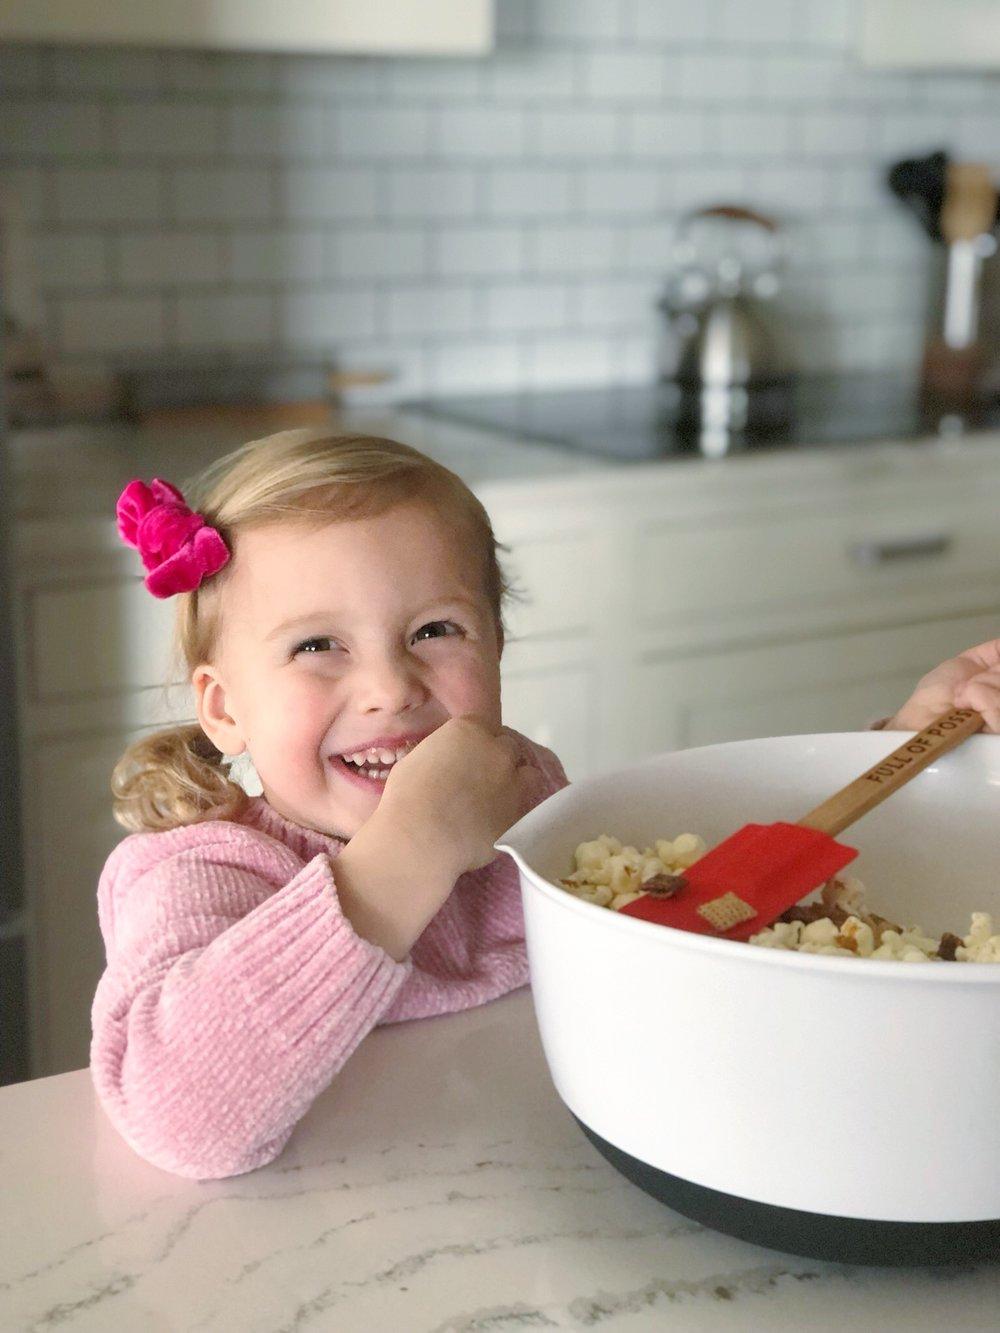 smiling-girl-cooking-kitchen.JPG